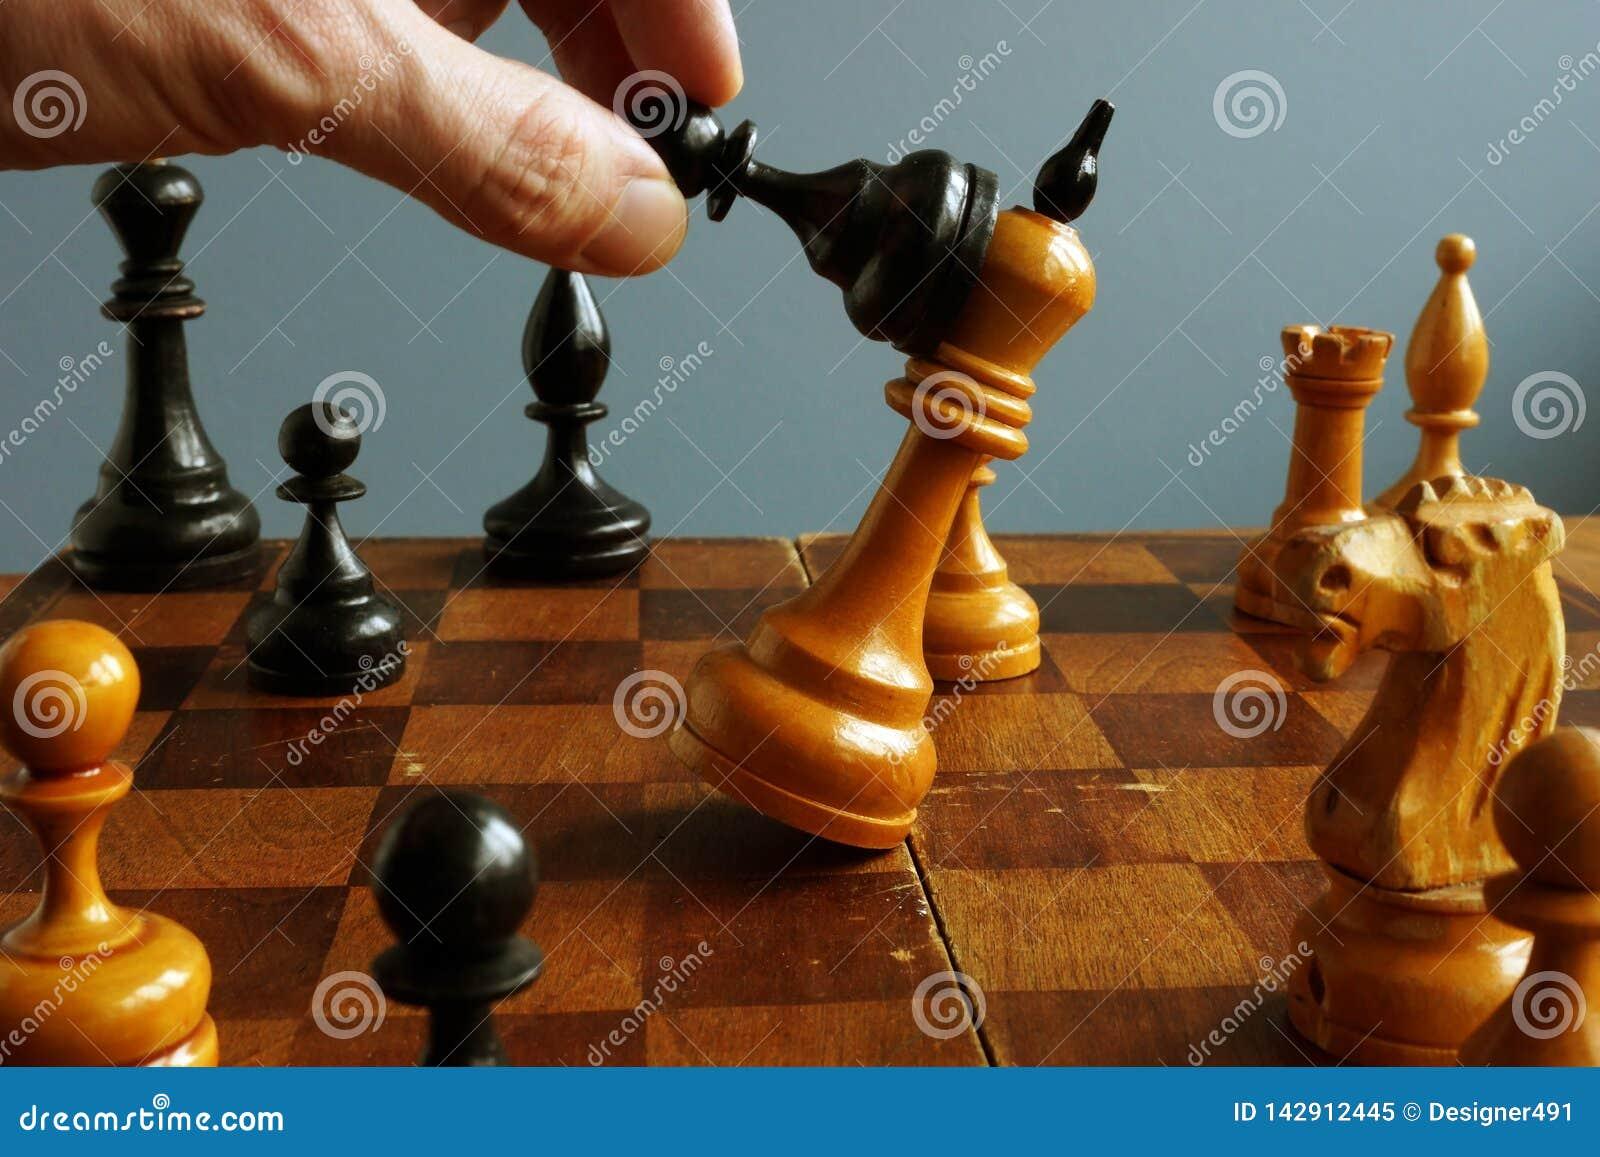 Sukces w biznesie i konfrontacja w rywalizacji Pionek wygrywa królewiątko